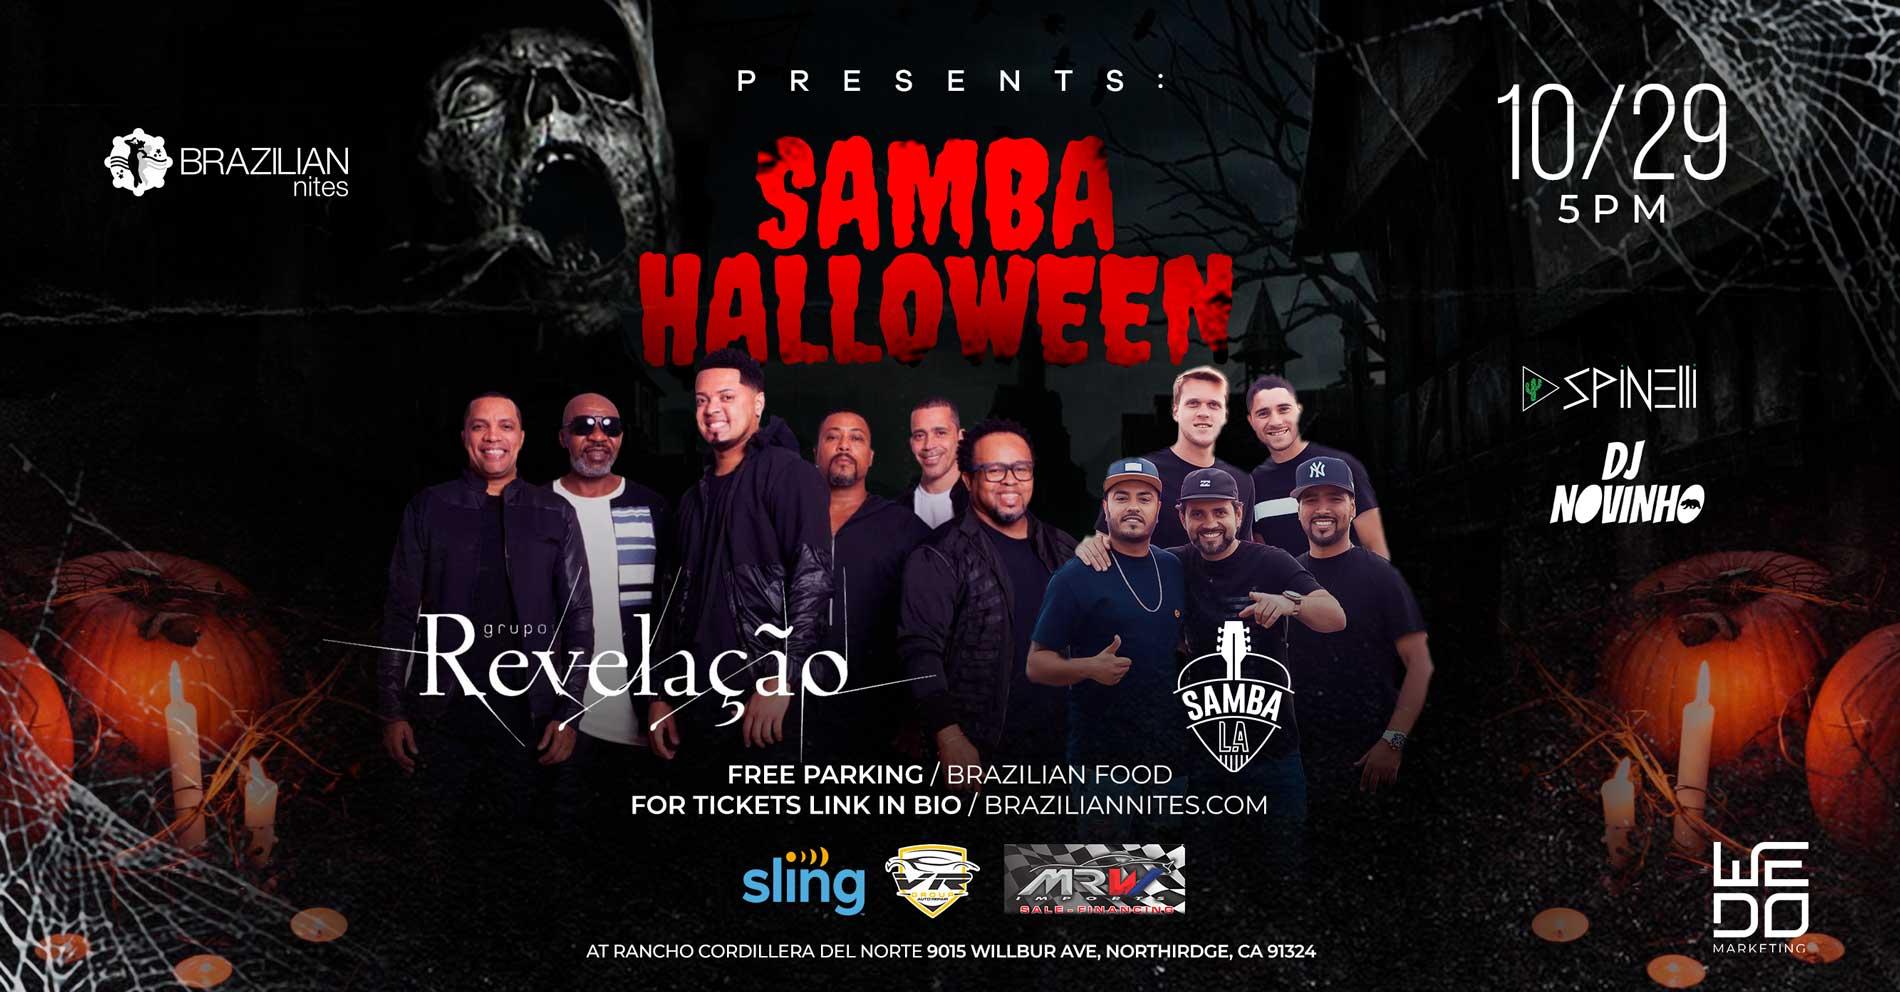 Samba Halloween